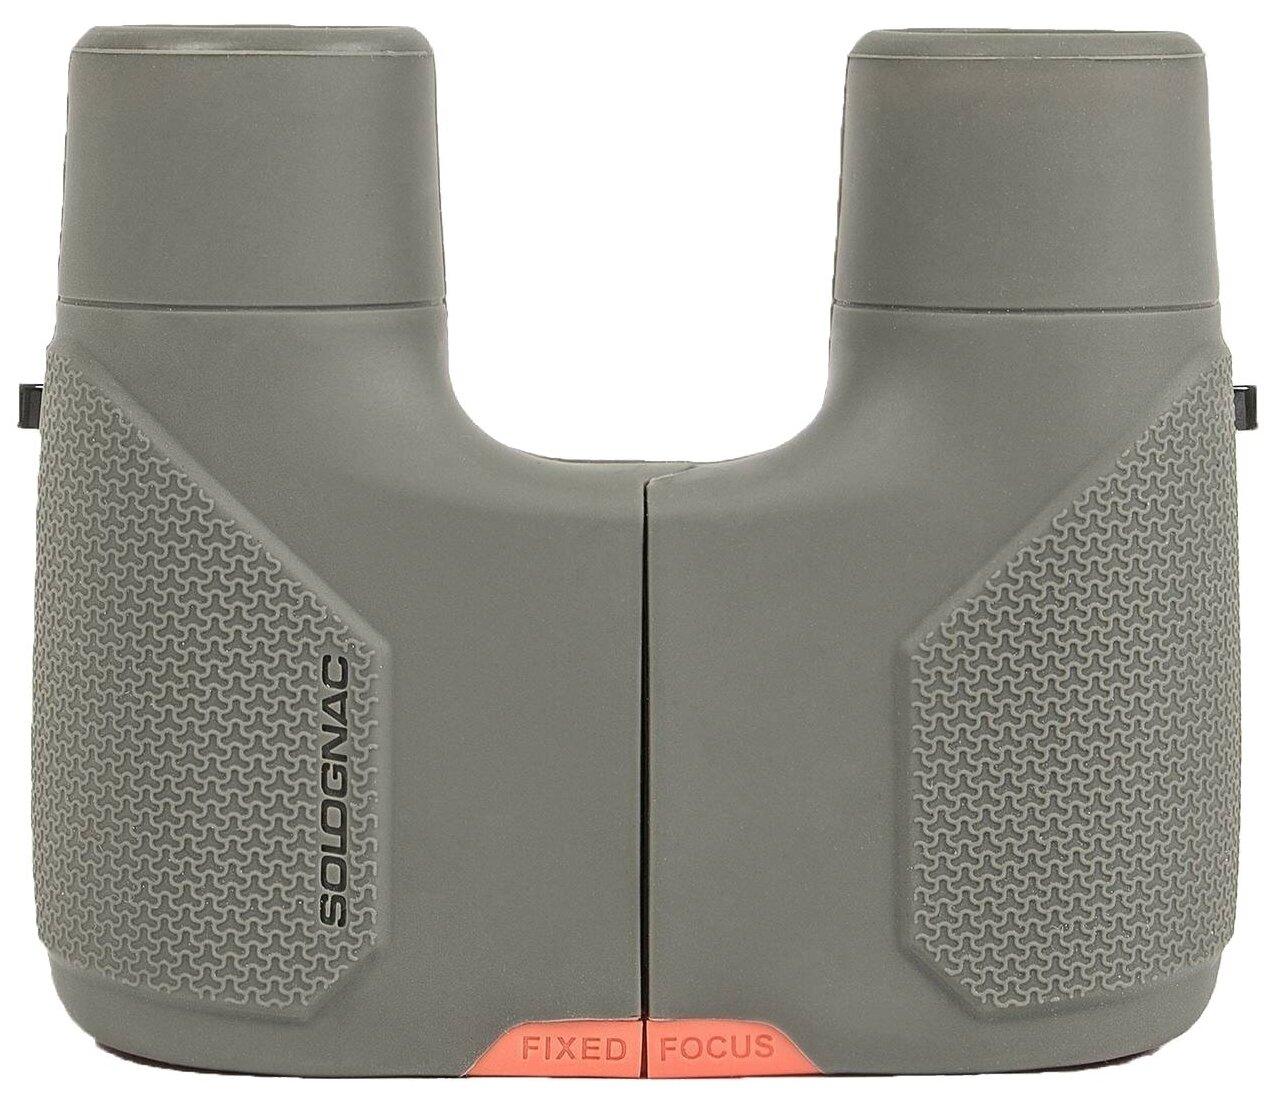 Купить Бинокль SOLOGNAC Binocular 8x25 зеленый по низкой цене с доставкой из Яндекс.Маркета